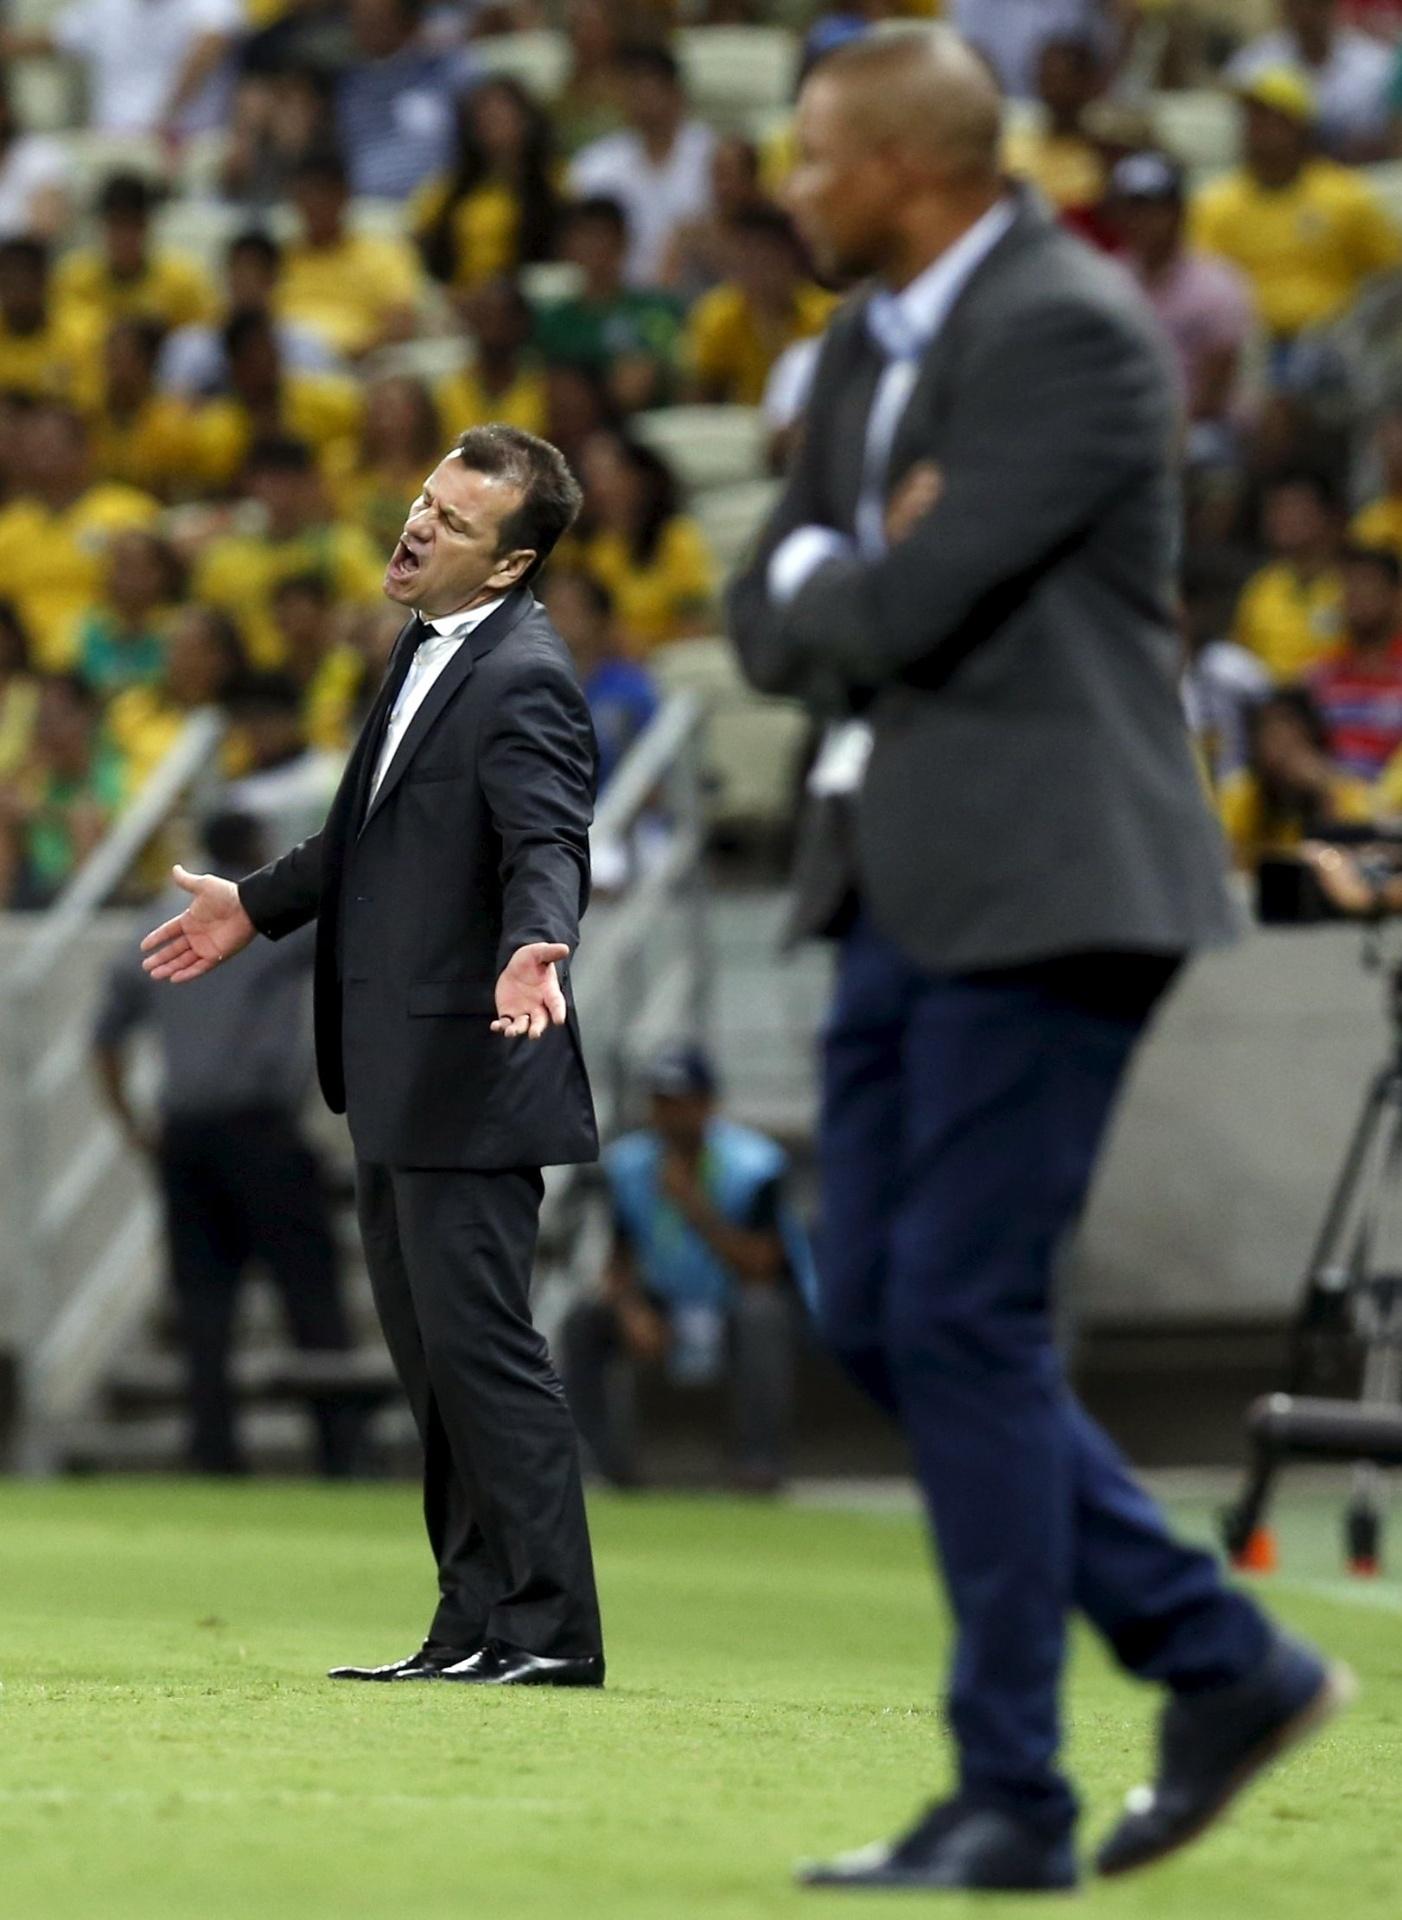 Técnico Dunga gesticula à beira do gramado do Castelão no jogo do Brasil contra a Venezuela pelas Eliminatórias